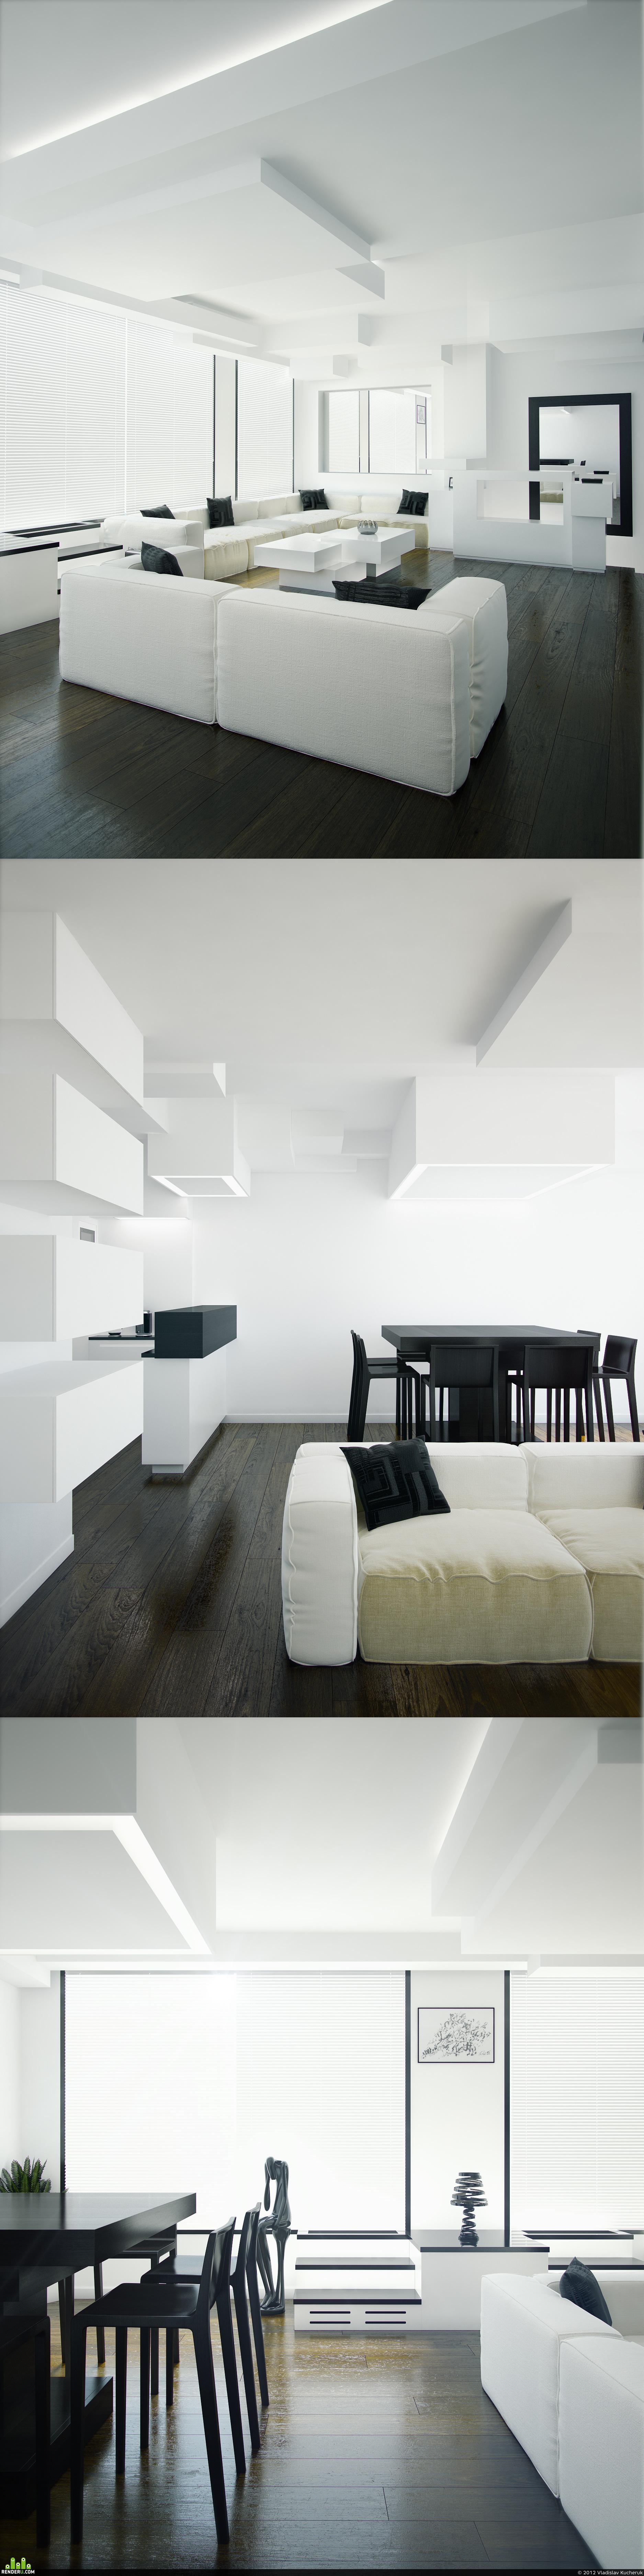 preview The interior design apartments in Paris